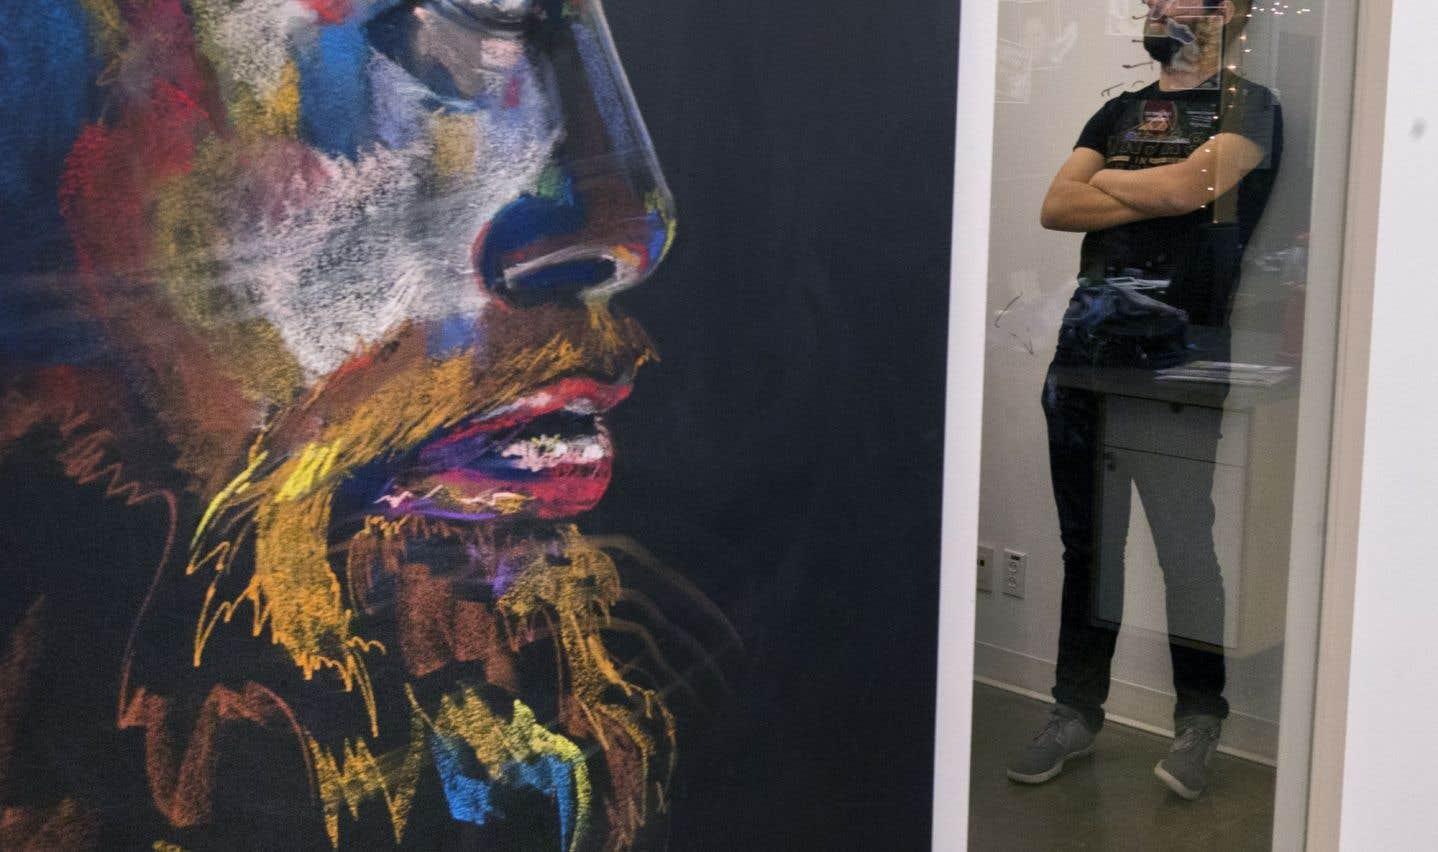 Destinés à accueillir les créations spontanées des employés, de nombreux tableaux noirs parsèment les locaux de la boîte Sid Lee, qui a fait de la créativité sa marque de commerce.